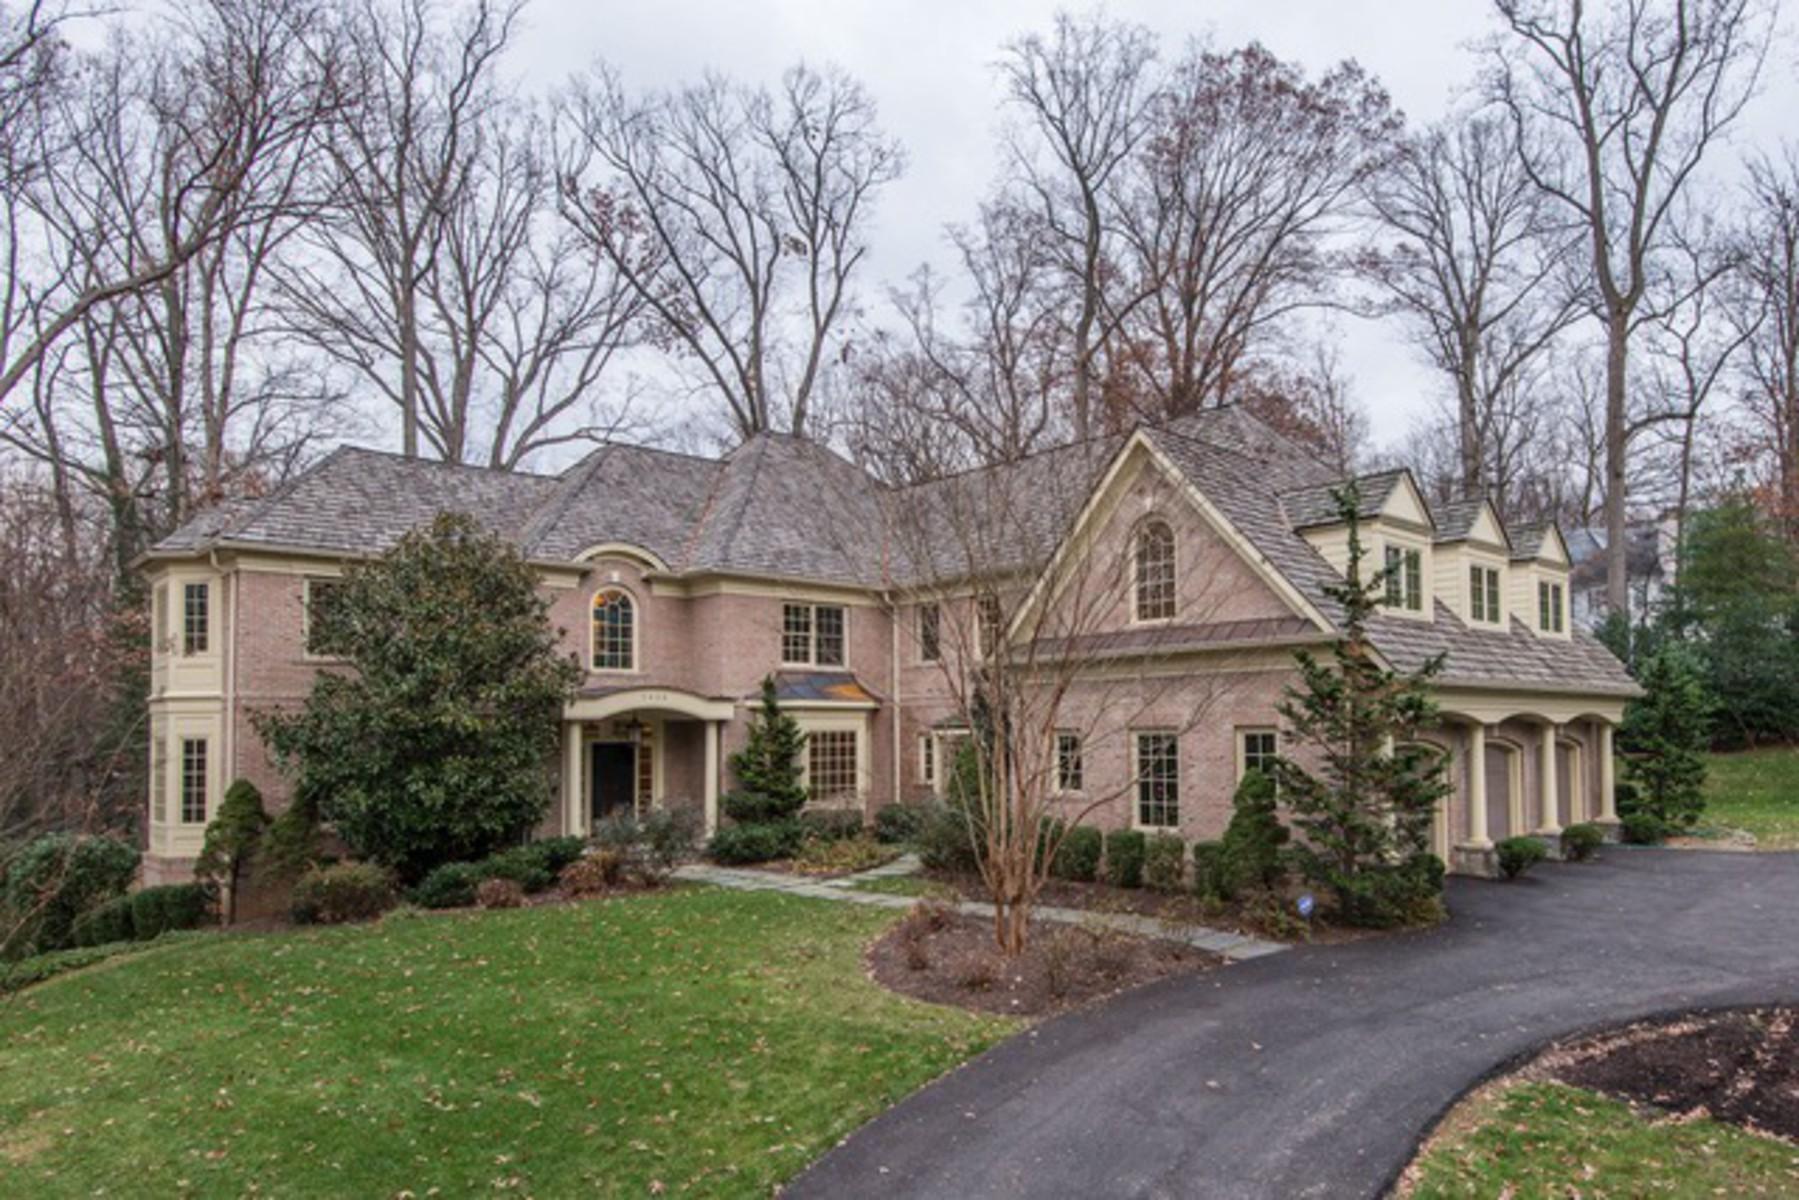 Maison unifamiliale pour l Vente à 7426 Dulany Drive, Mclean McLean, Virginia, 22101 États-Unis